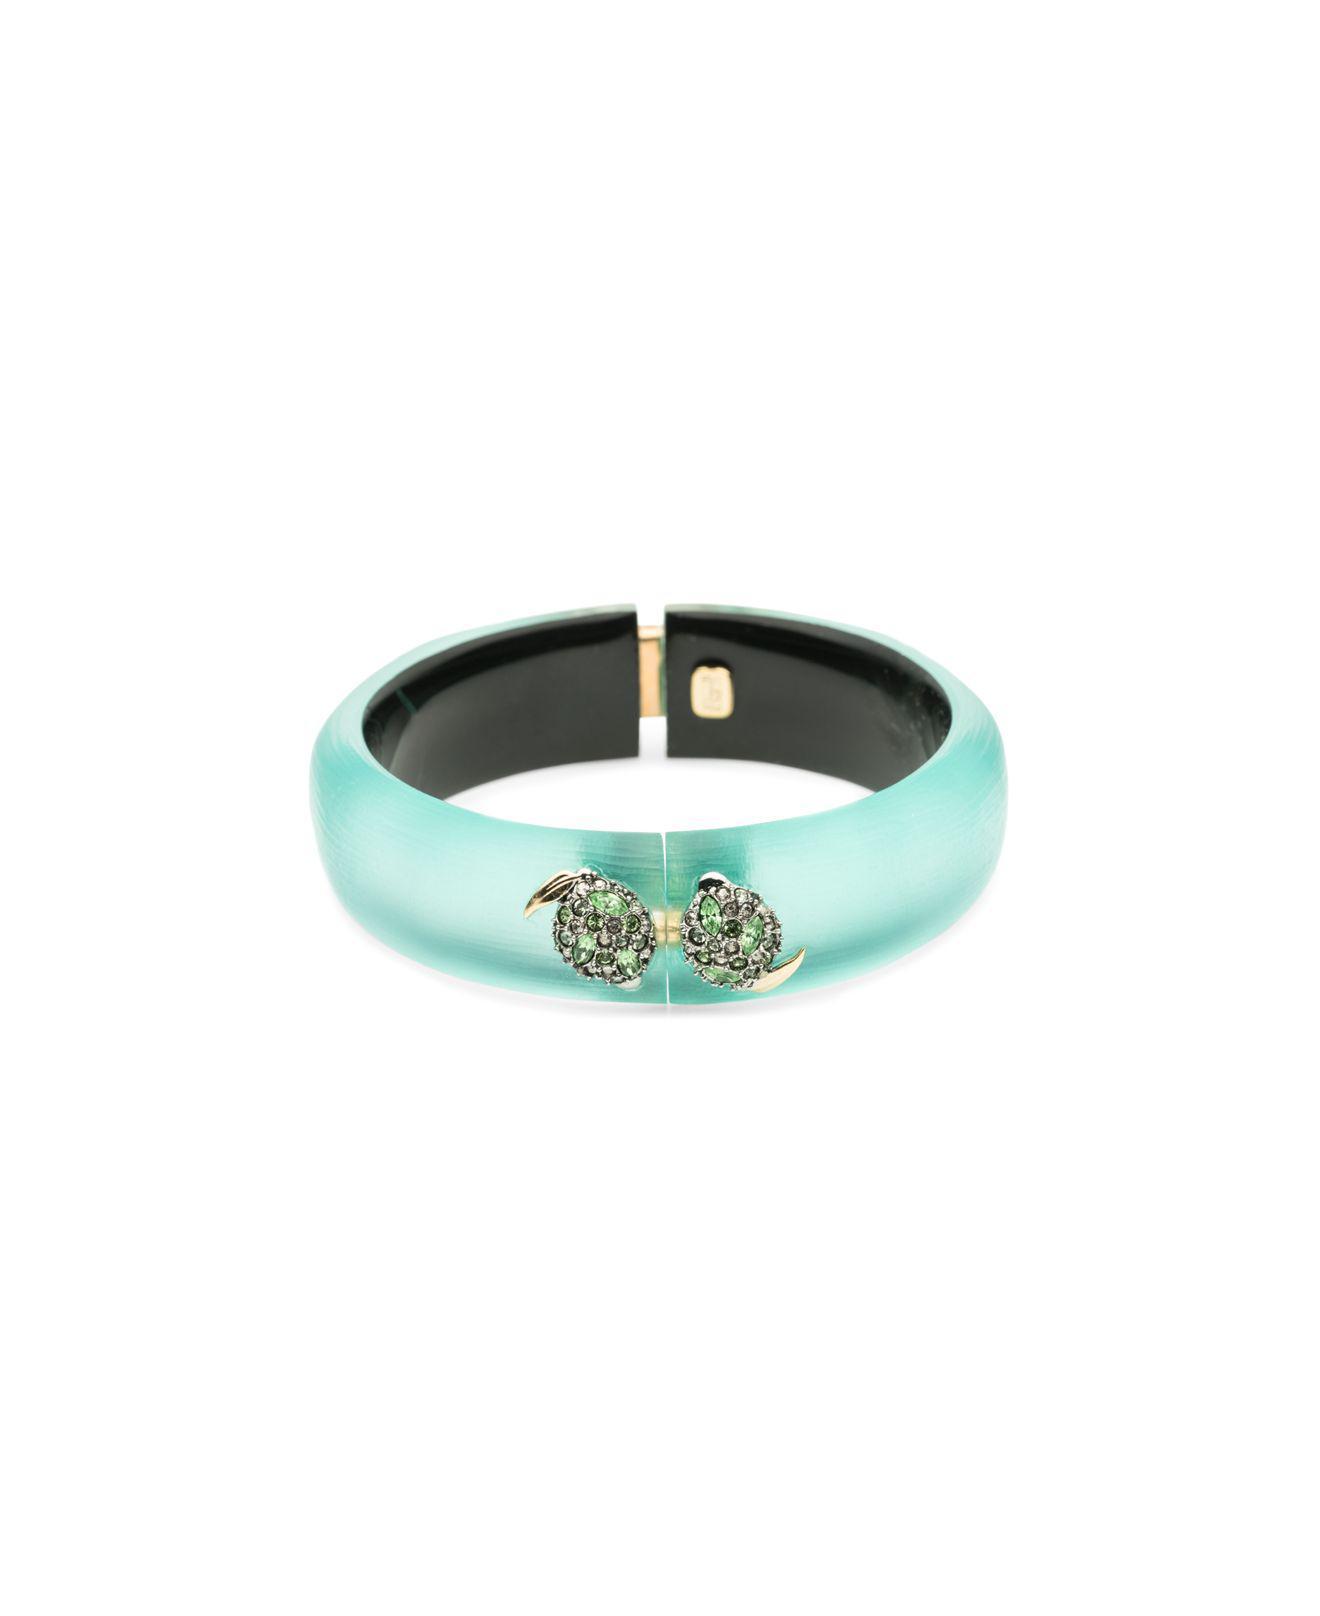 Alexis Bittar Crystal Encrusted Lime Studded Hinge Bracelet Mint green f9I9g